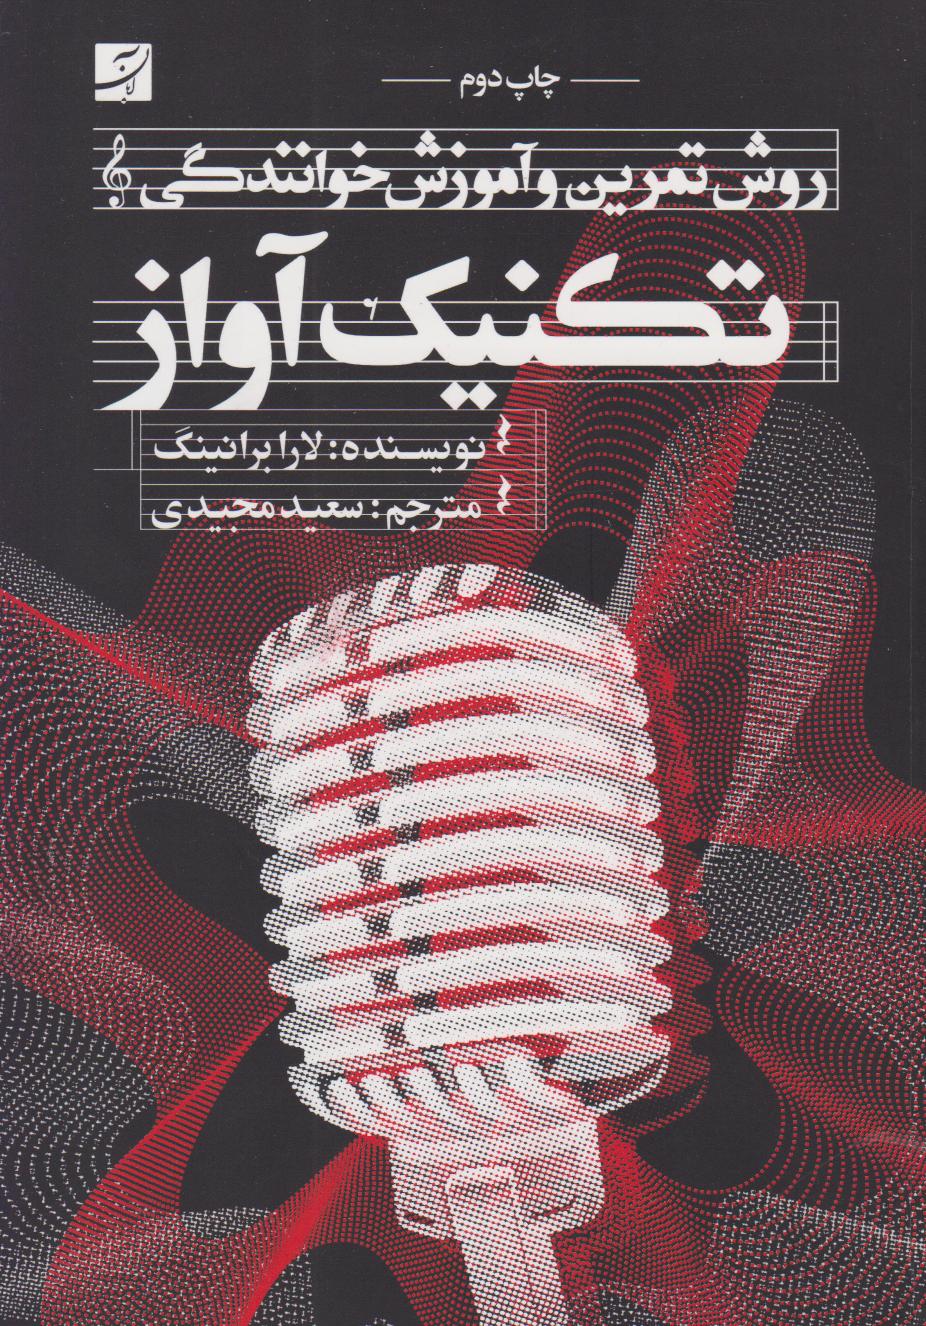 کتاب روش تمرین و آموزش خوانندگی تکنیک آواز لارا برانینگ انتشارات کتاب آبان